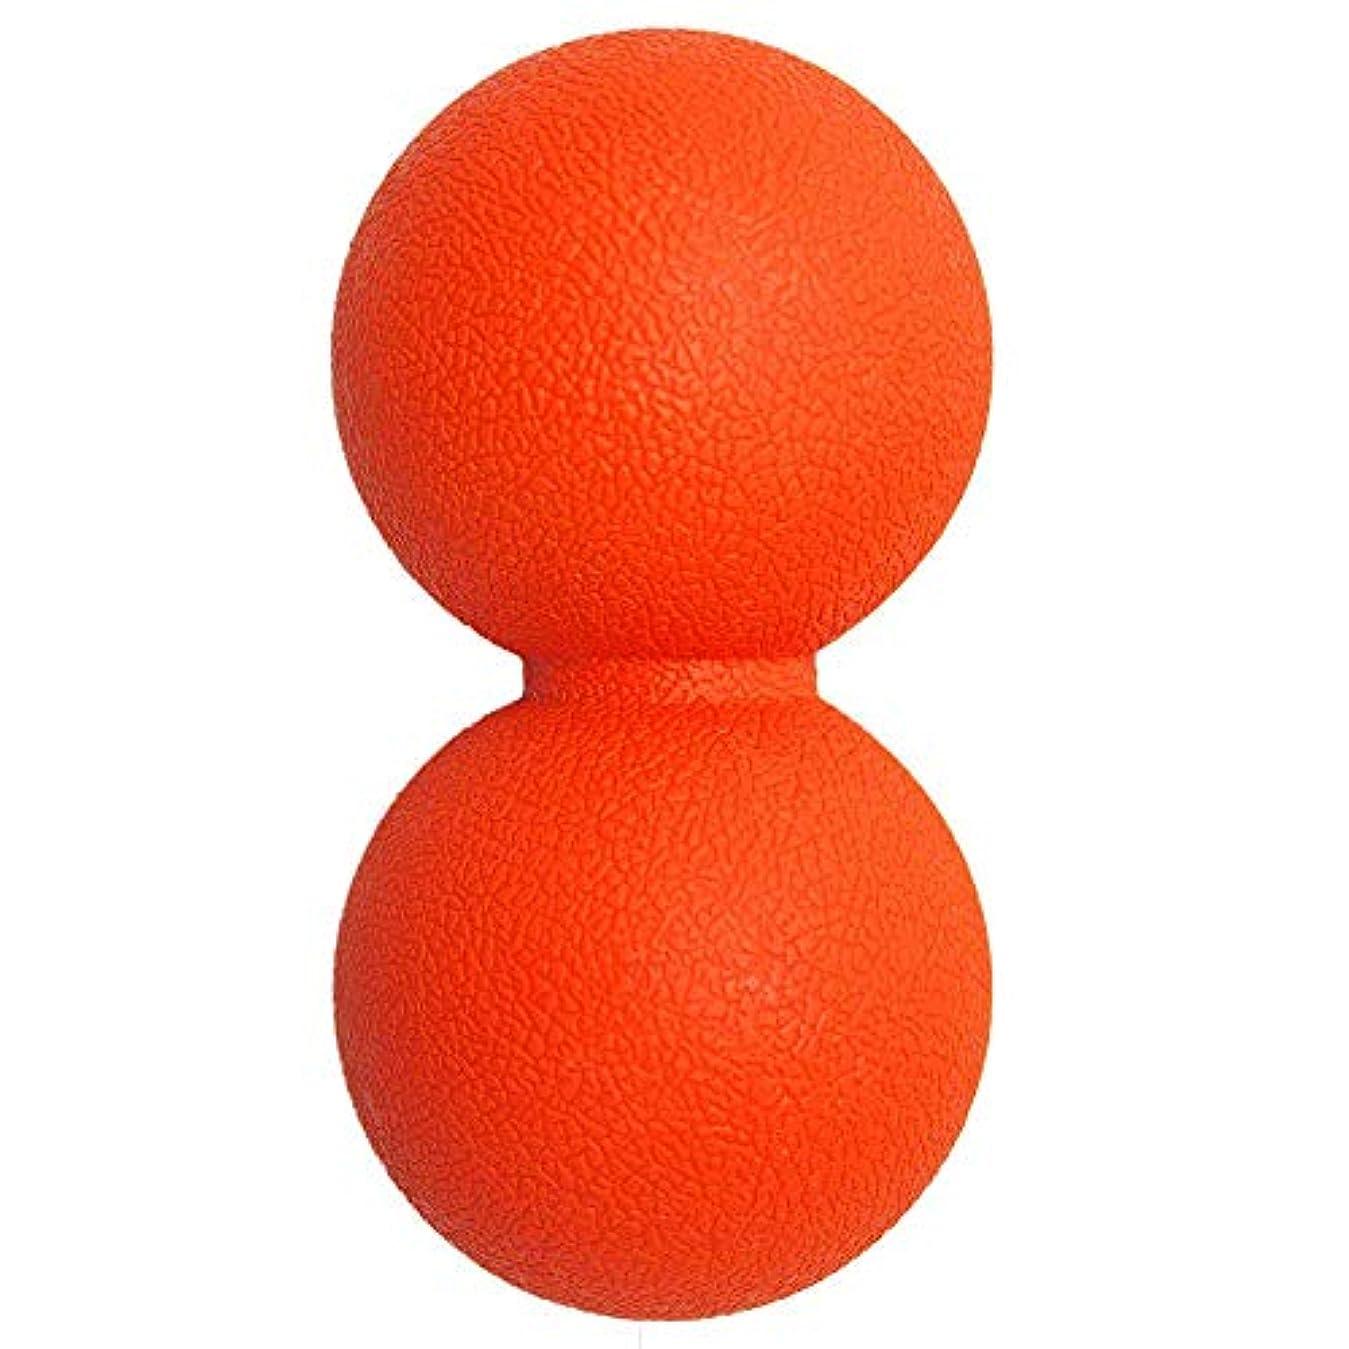 改革再生縫うマッサージボール 筋膜リリースストレッチボール 肩こり 腰 足裏ツボ押しグッズ 背中,オレンジ